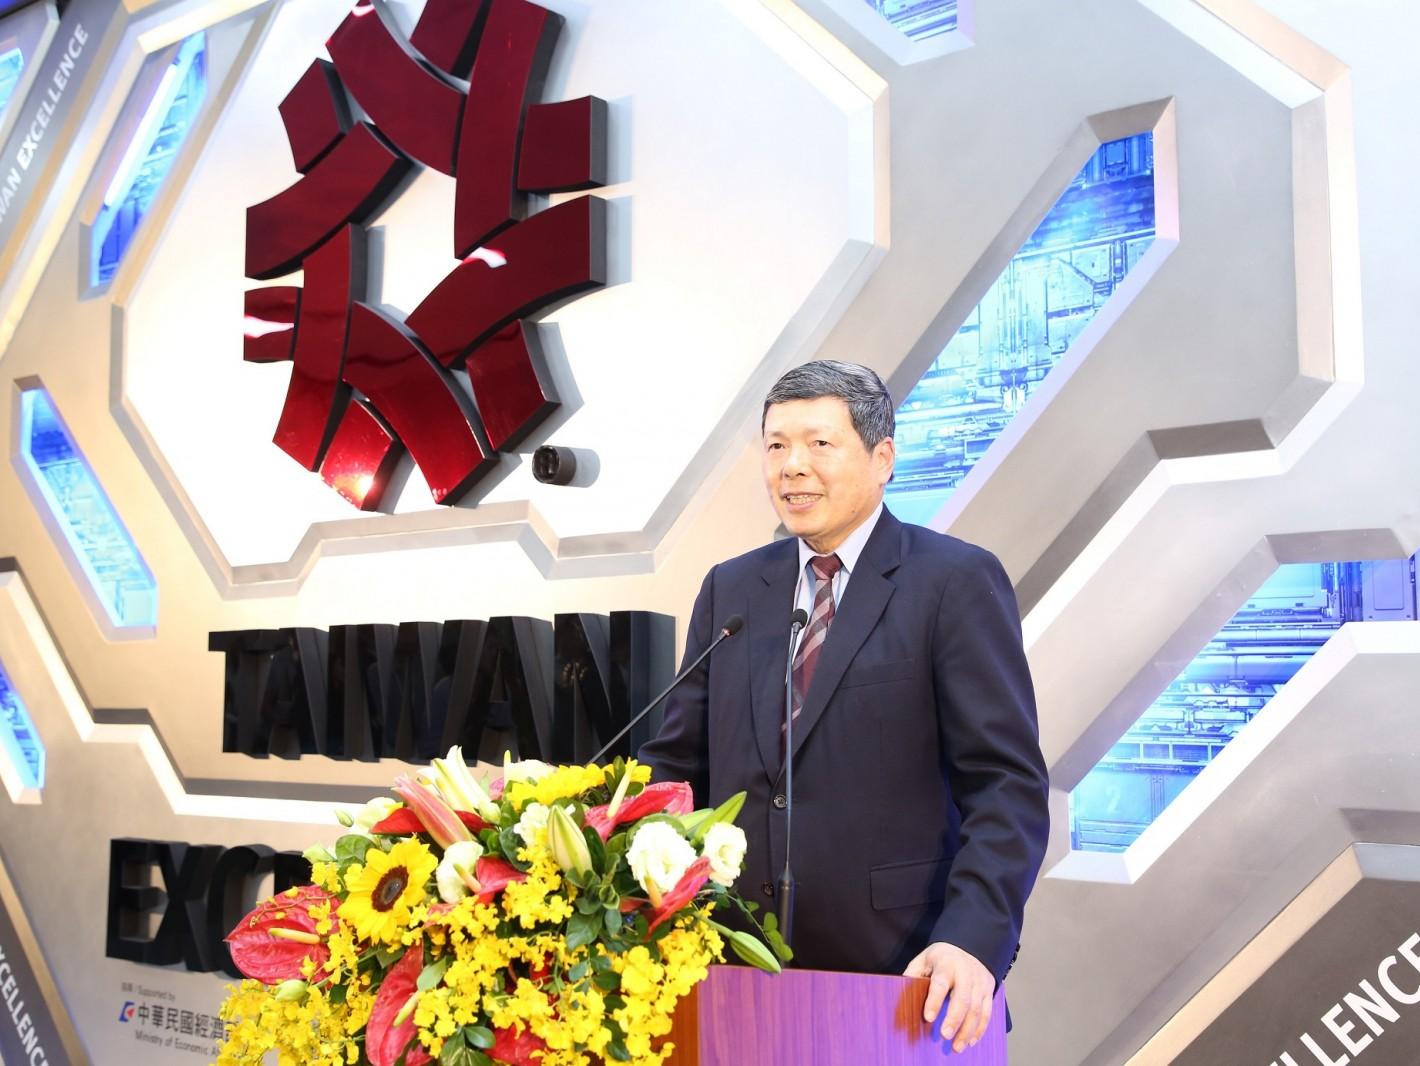 外貿協會葉明水秘書長參與台灣精品館改裝開幕茶會